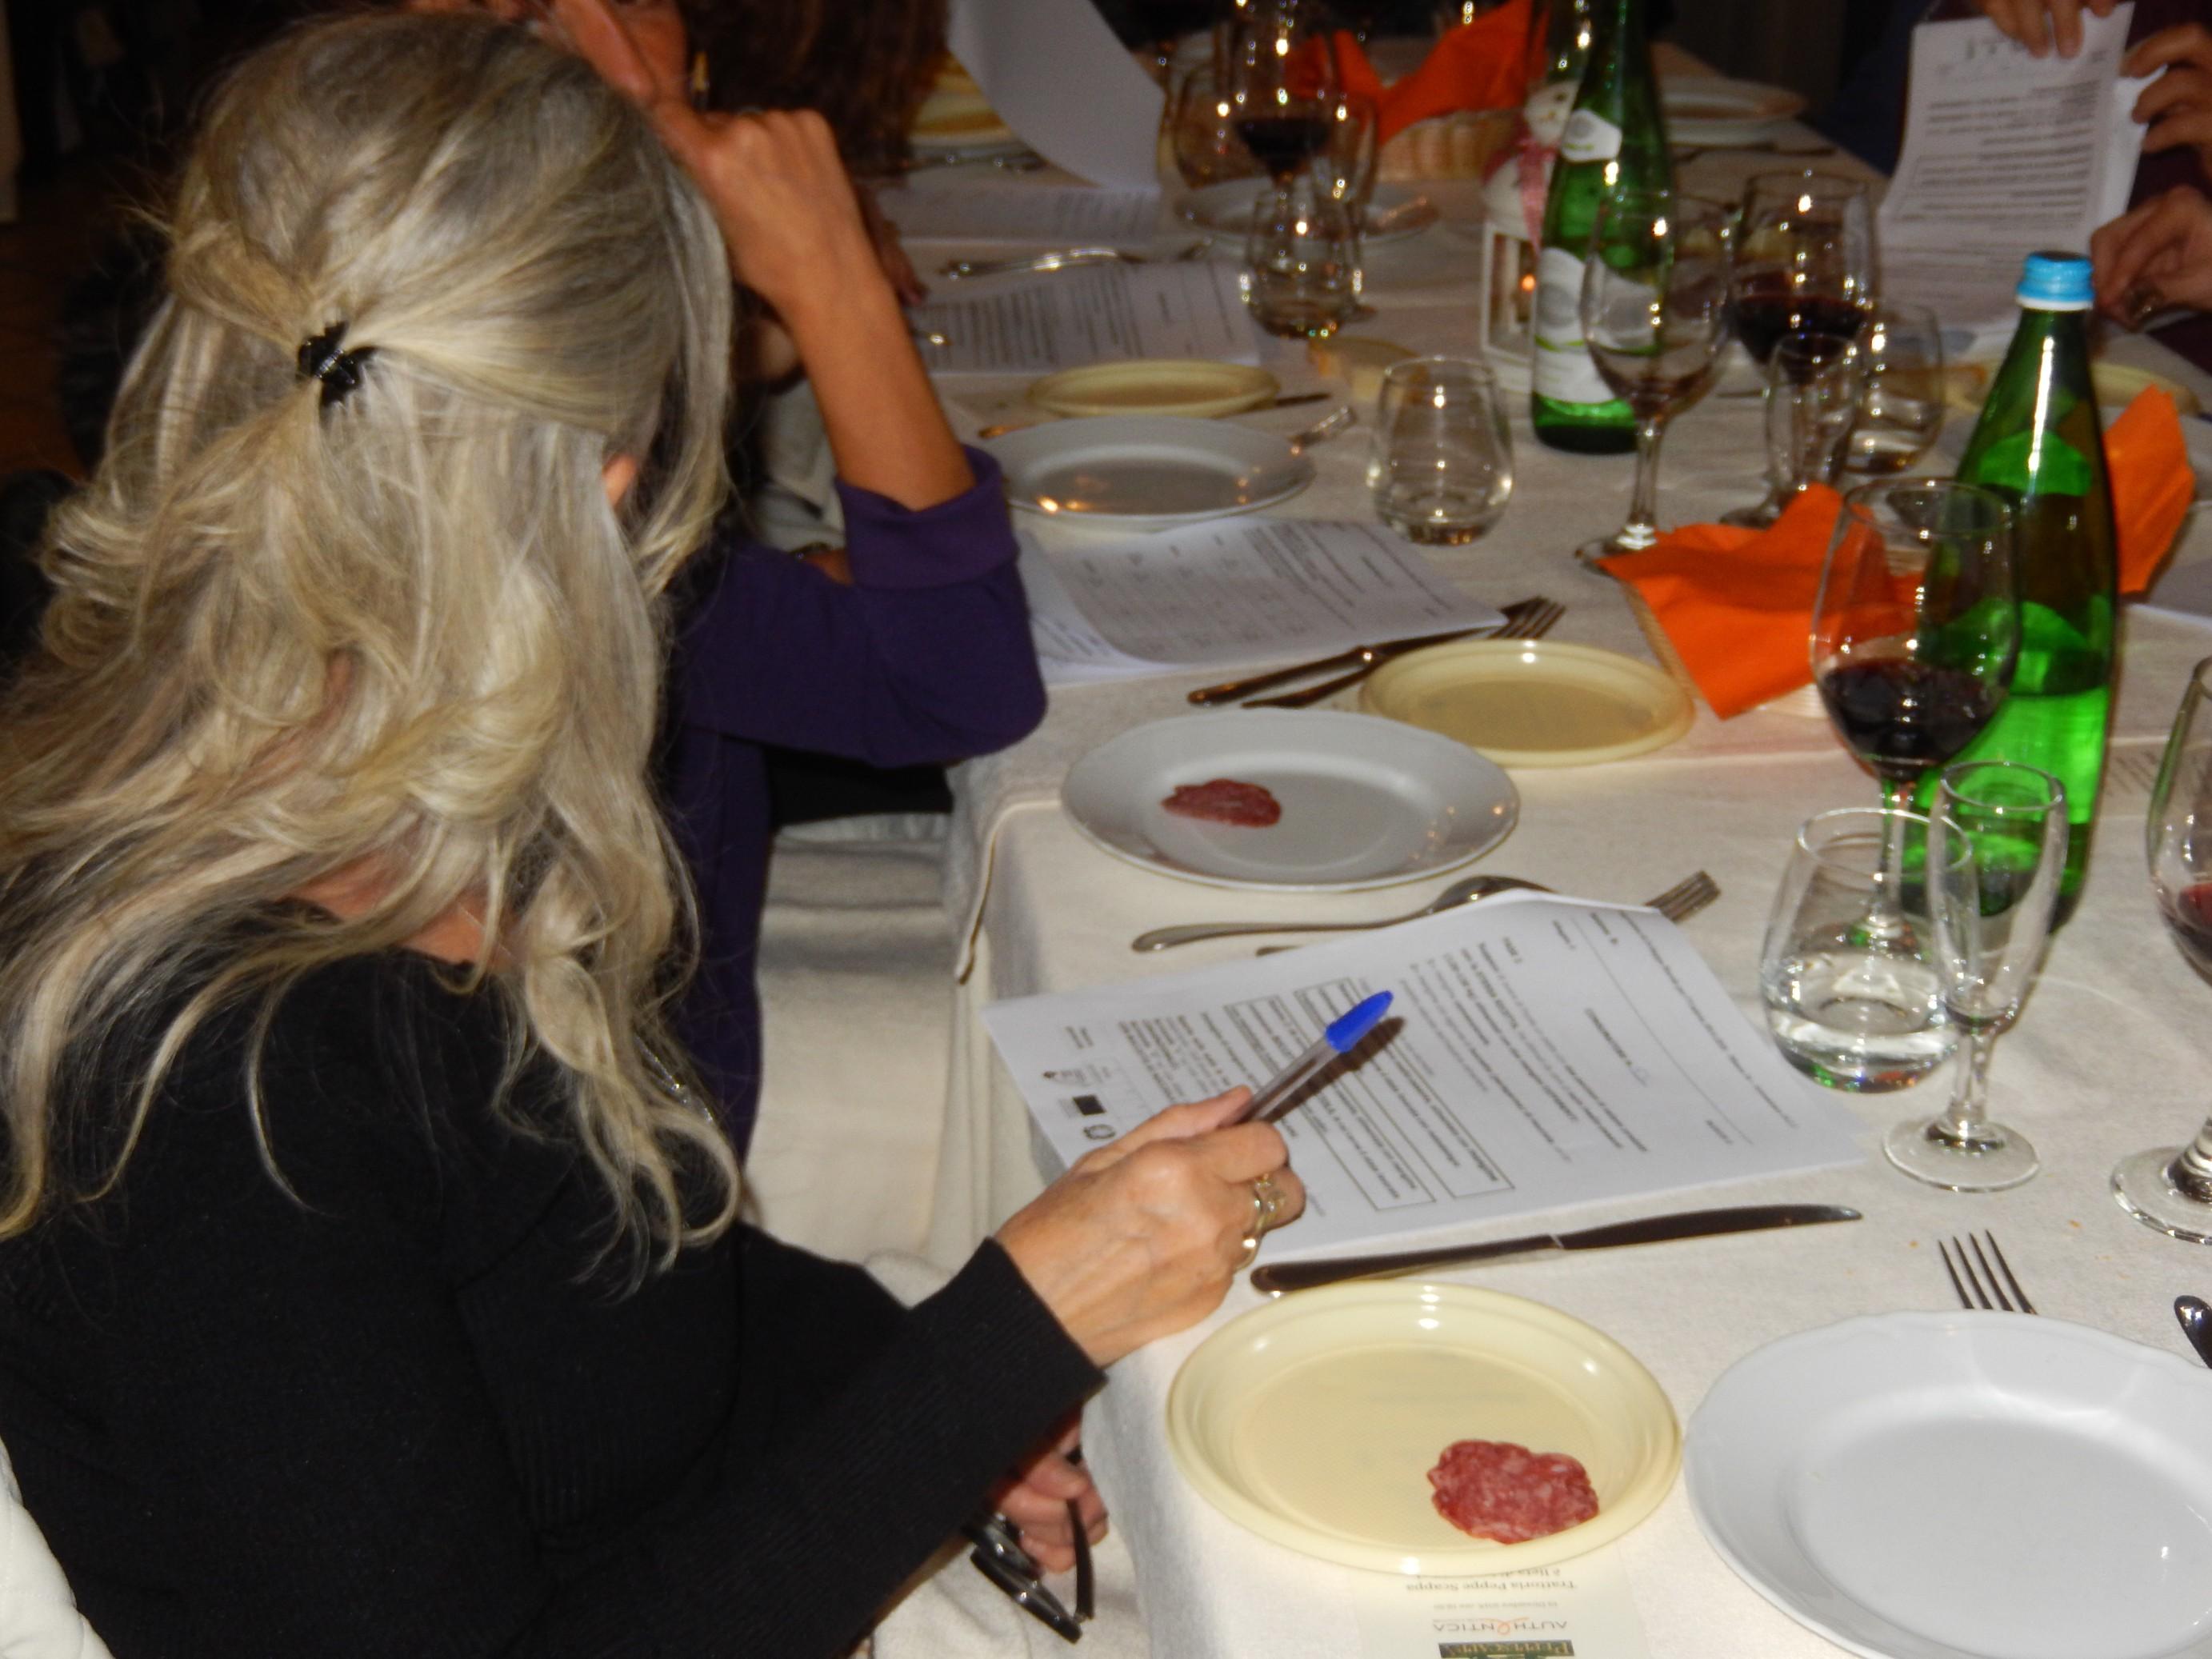 Consumer test del 19 dicembre: salumi e carne fresca